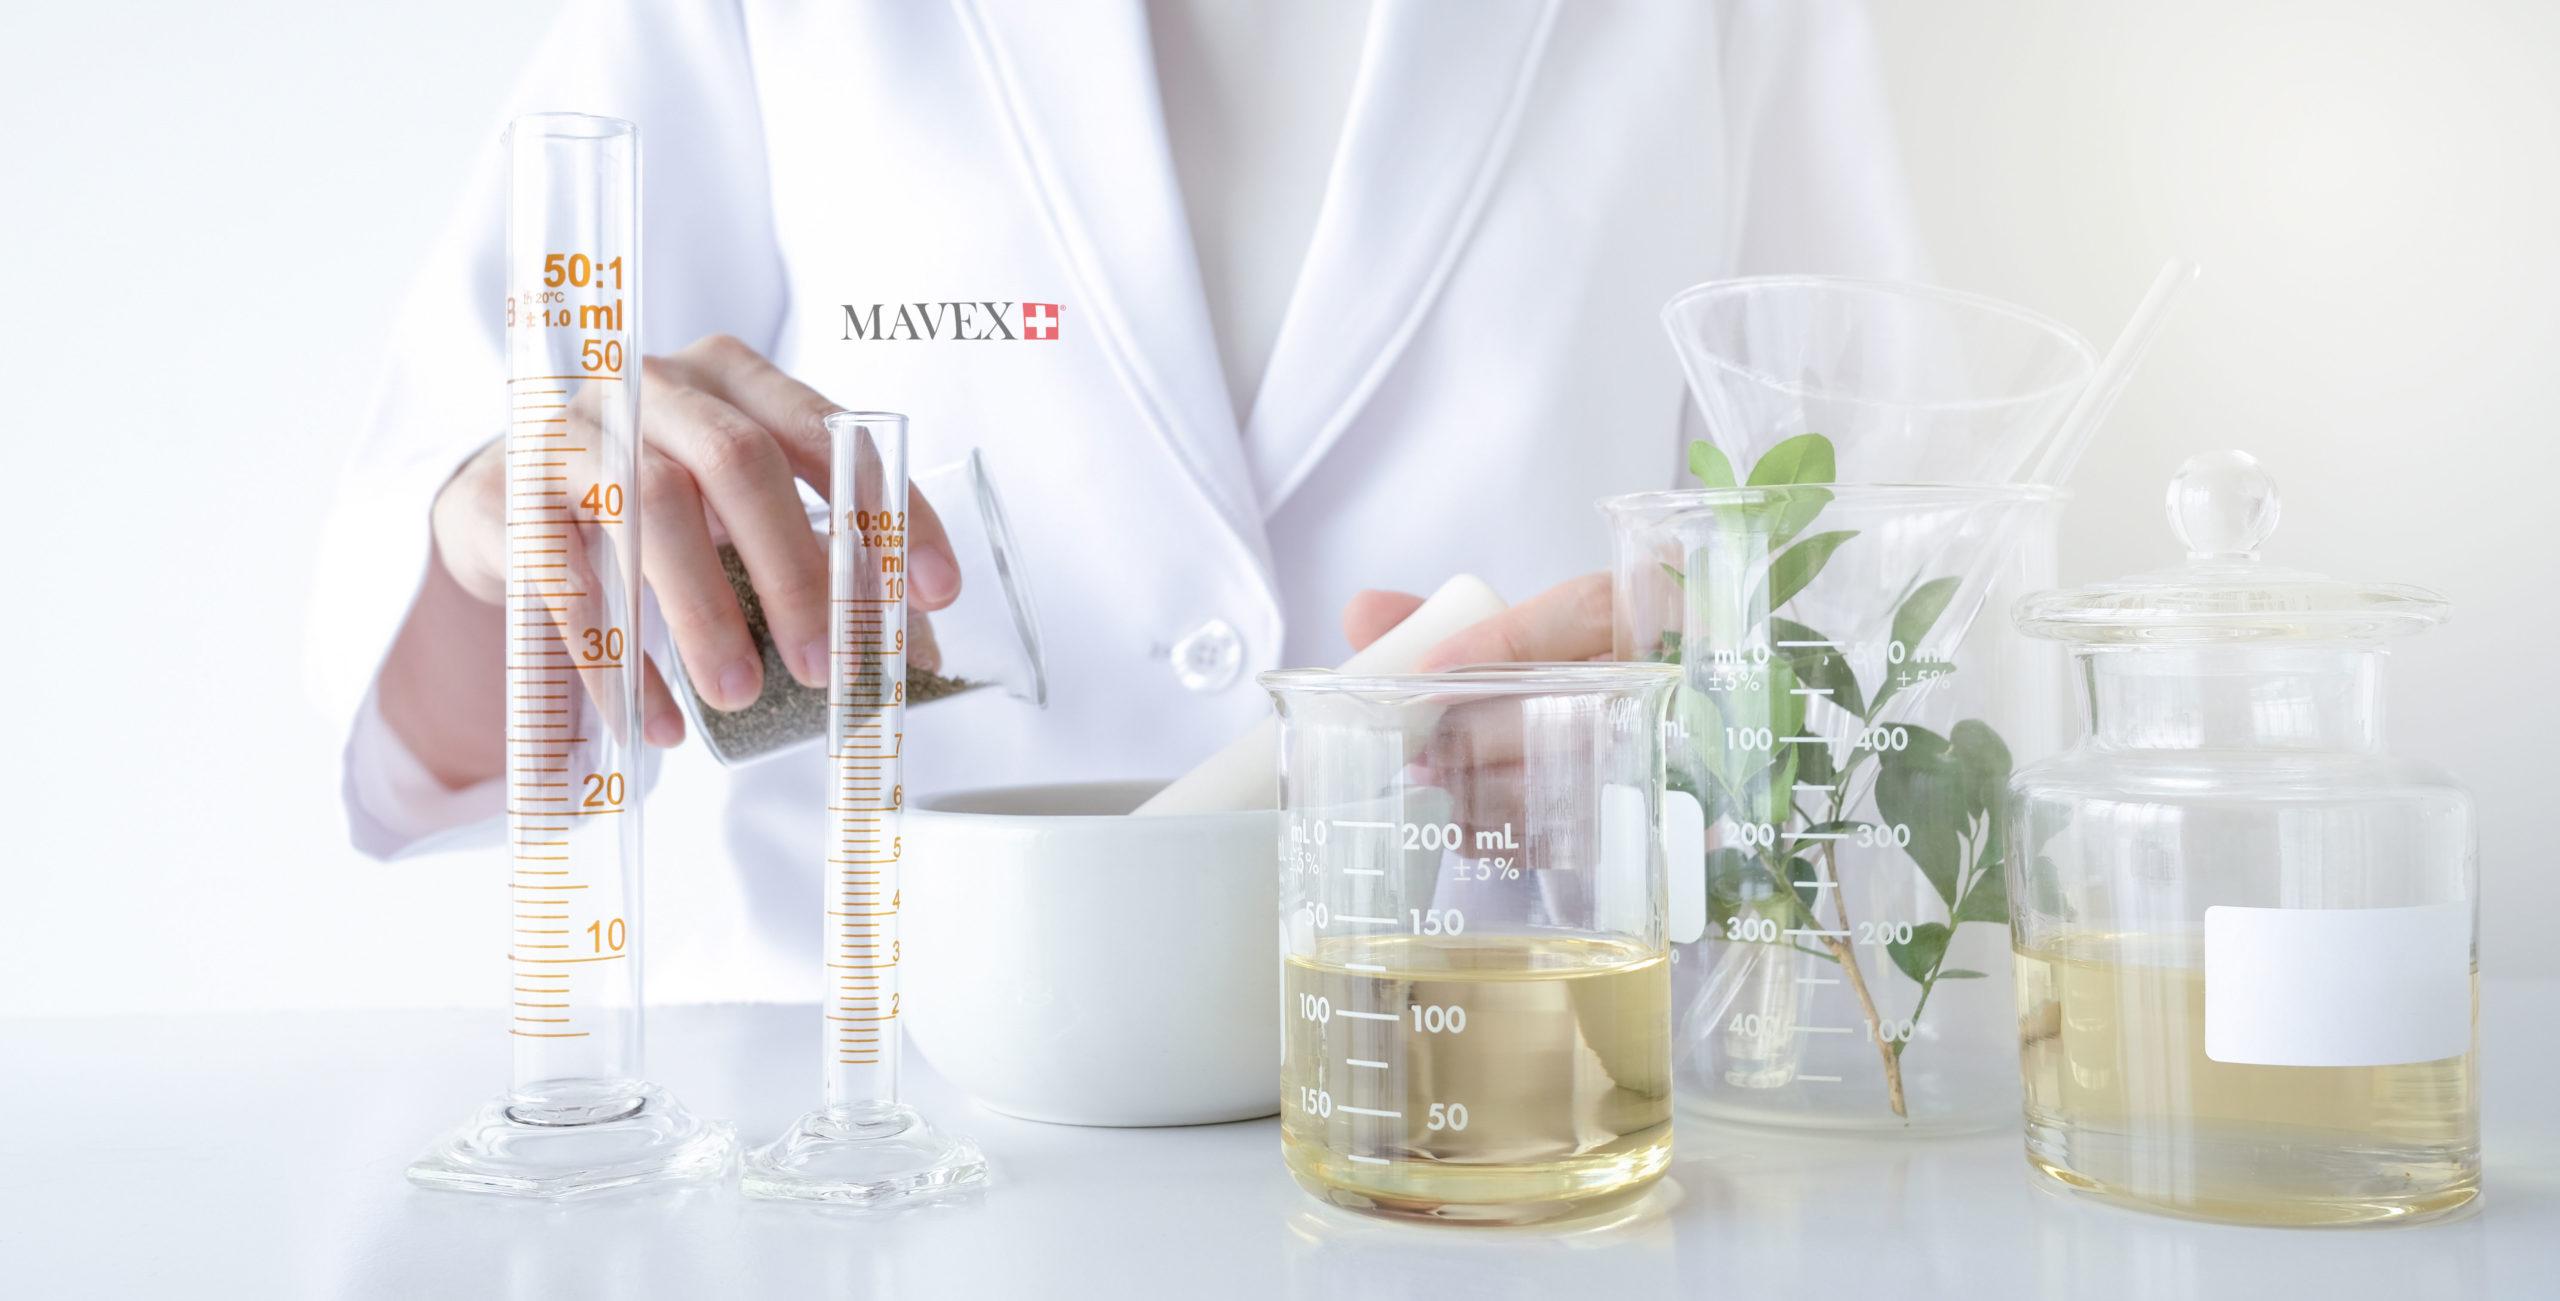 Mavex varemerke